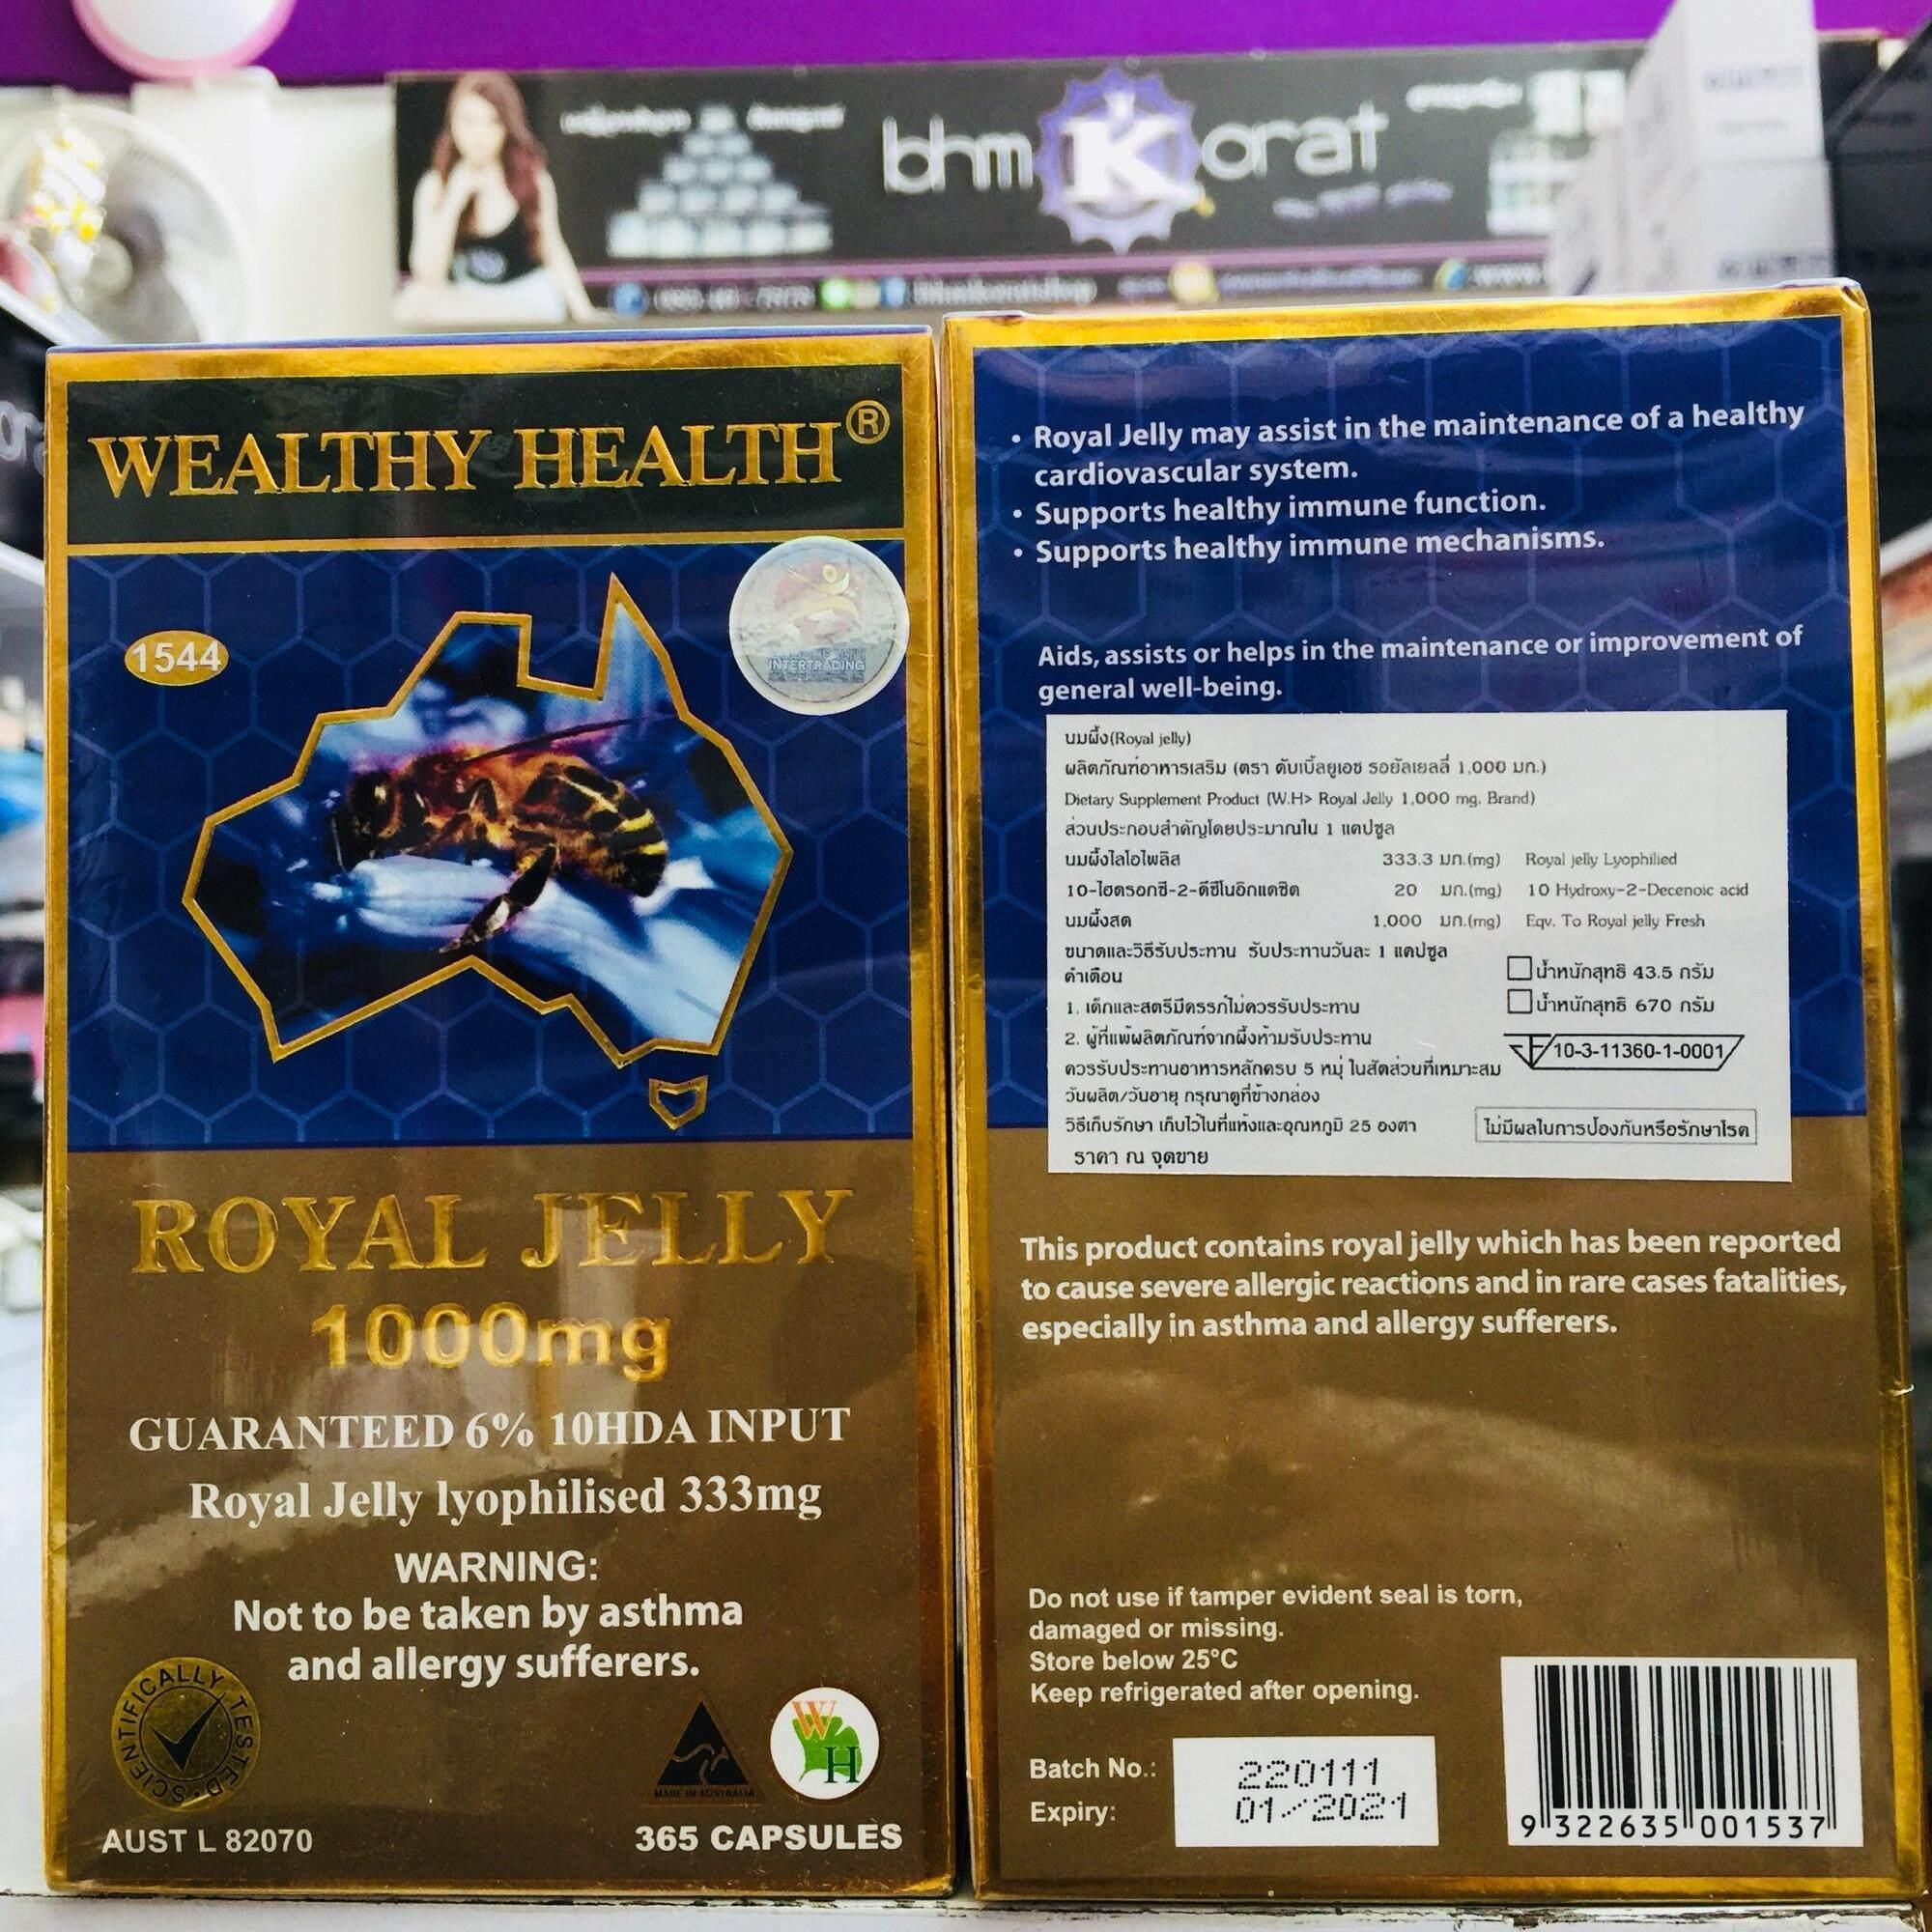 ขาย Wealthy Health นมผึ้งโดม Wealthy Health Royal Jelly 1000Mg 365 Capsules Wealthy Health ผู้ค้าส่ง